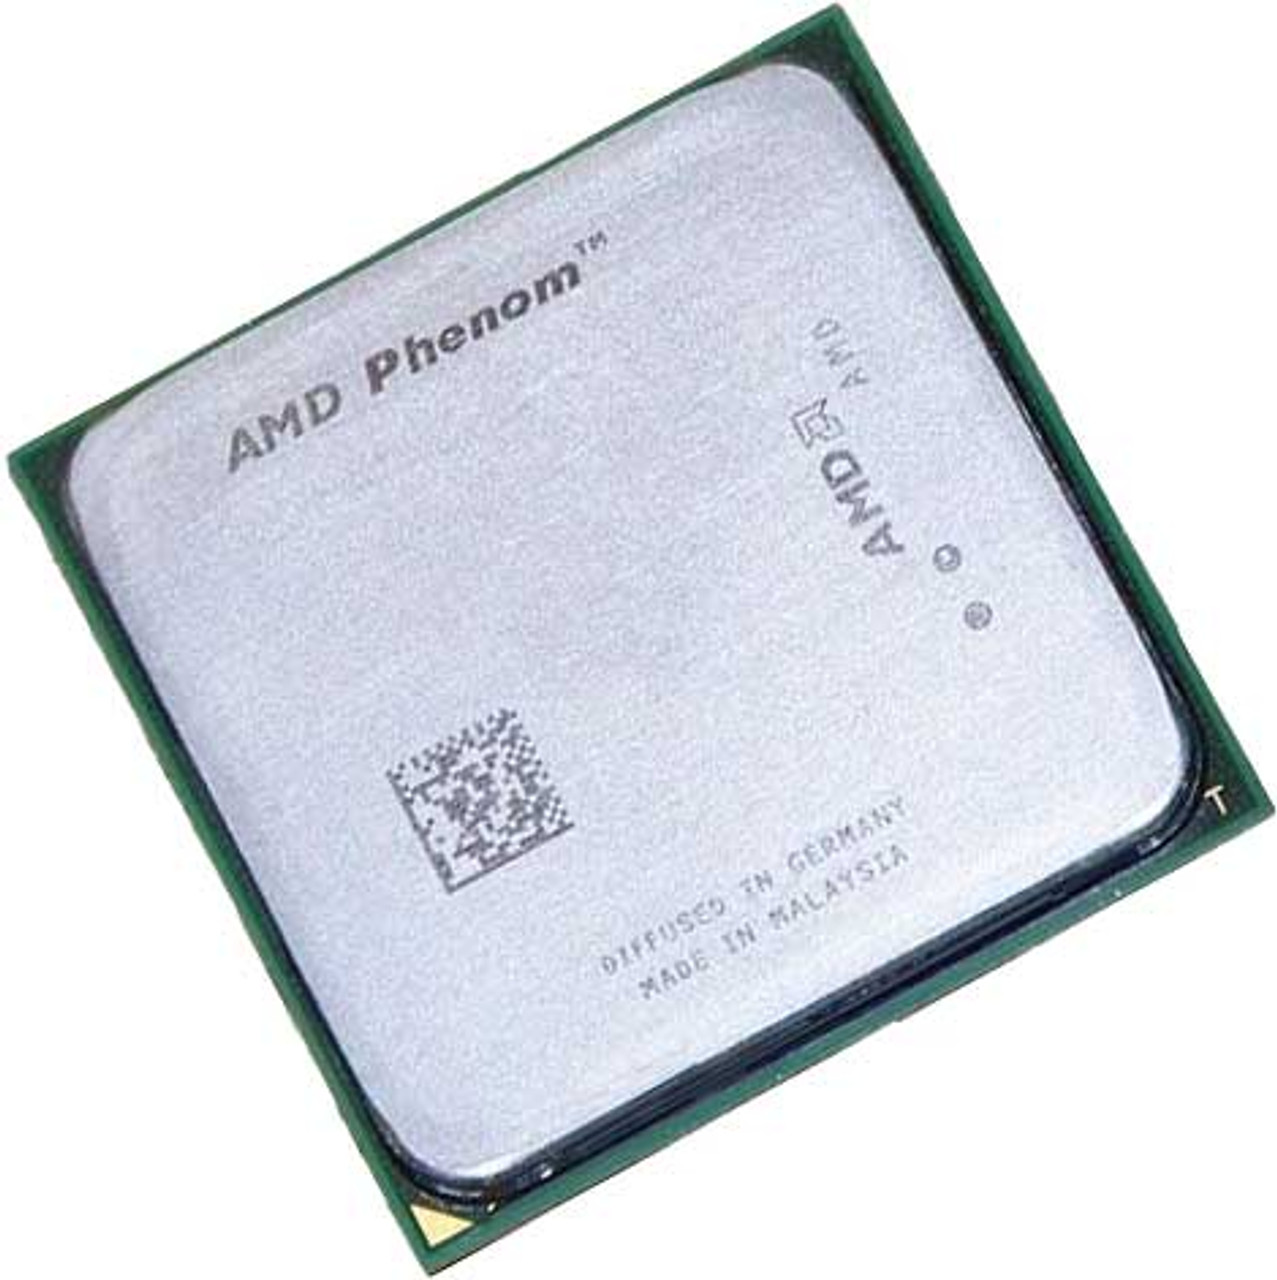 Amd Hd840twfk4dgr 2 9 Ghz 6 Mb Am3 Phenom Ii X4 840t Cpu Processor Cpu Medics